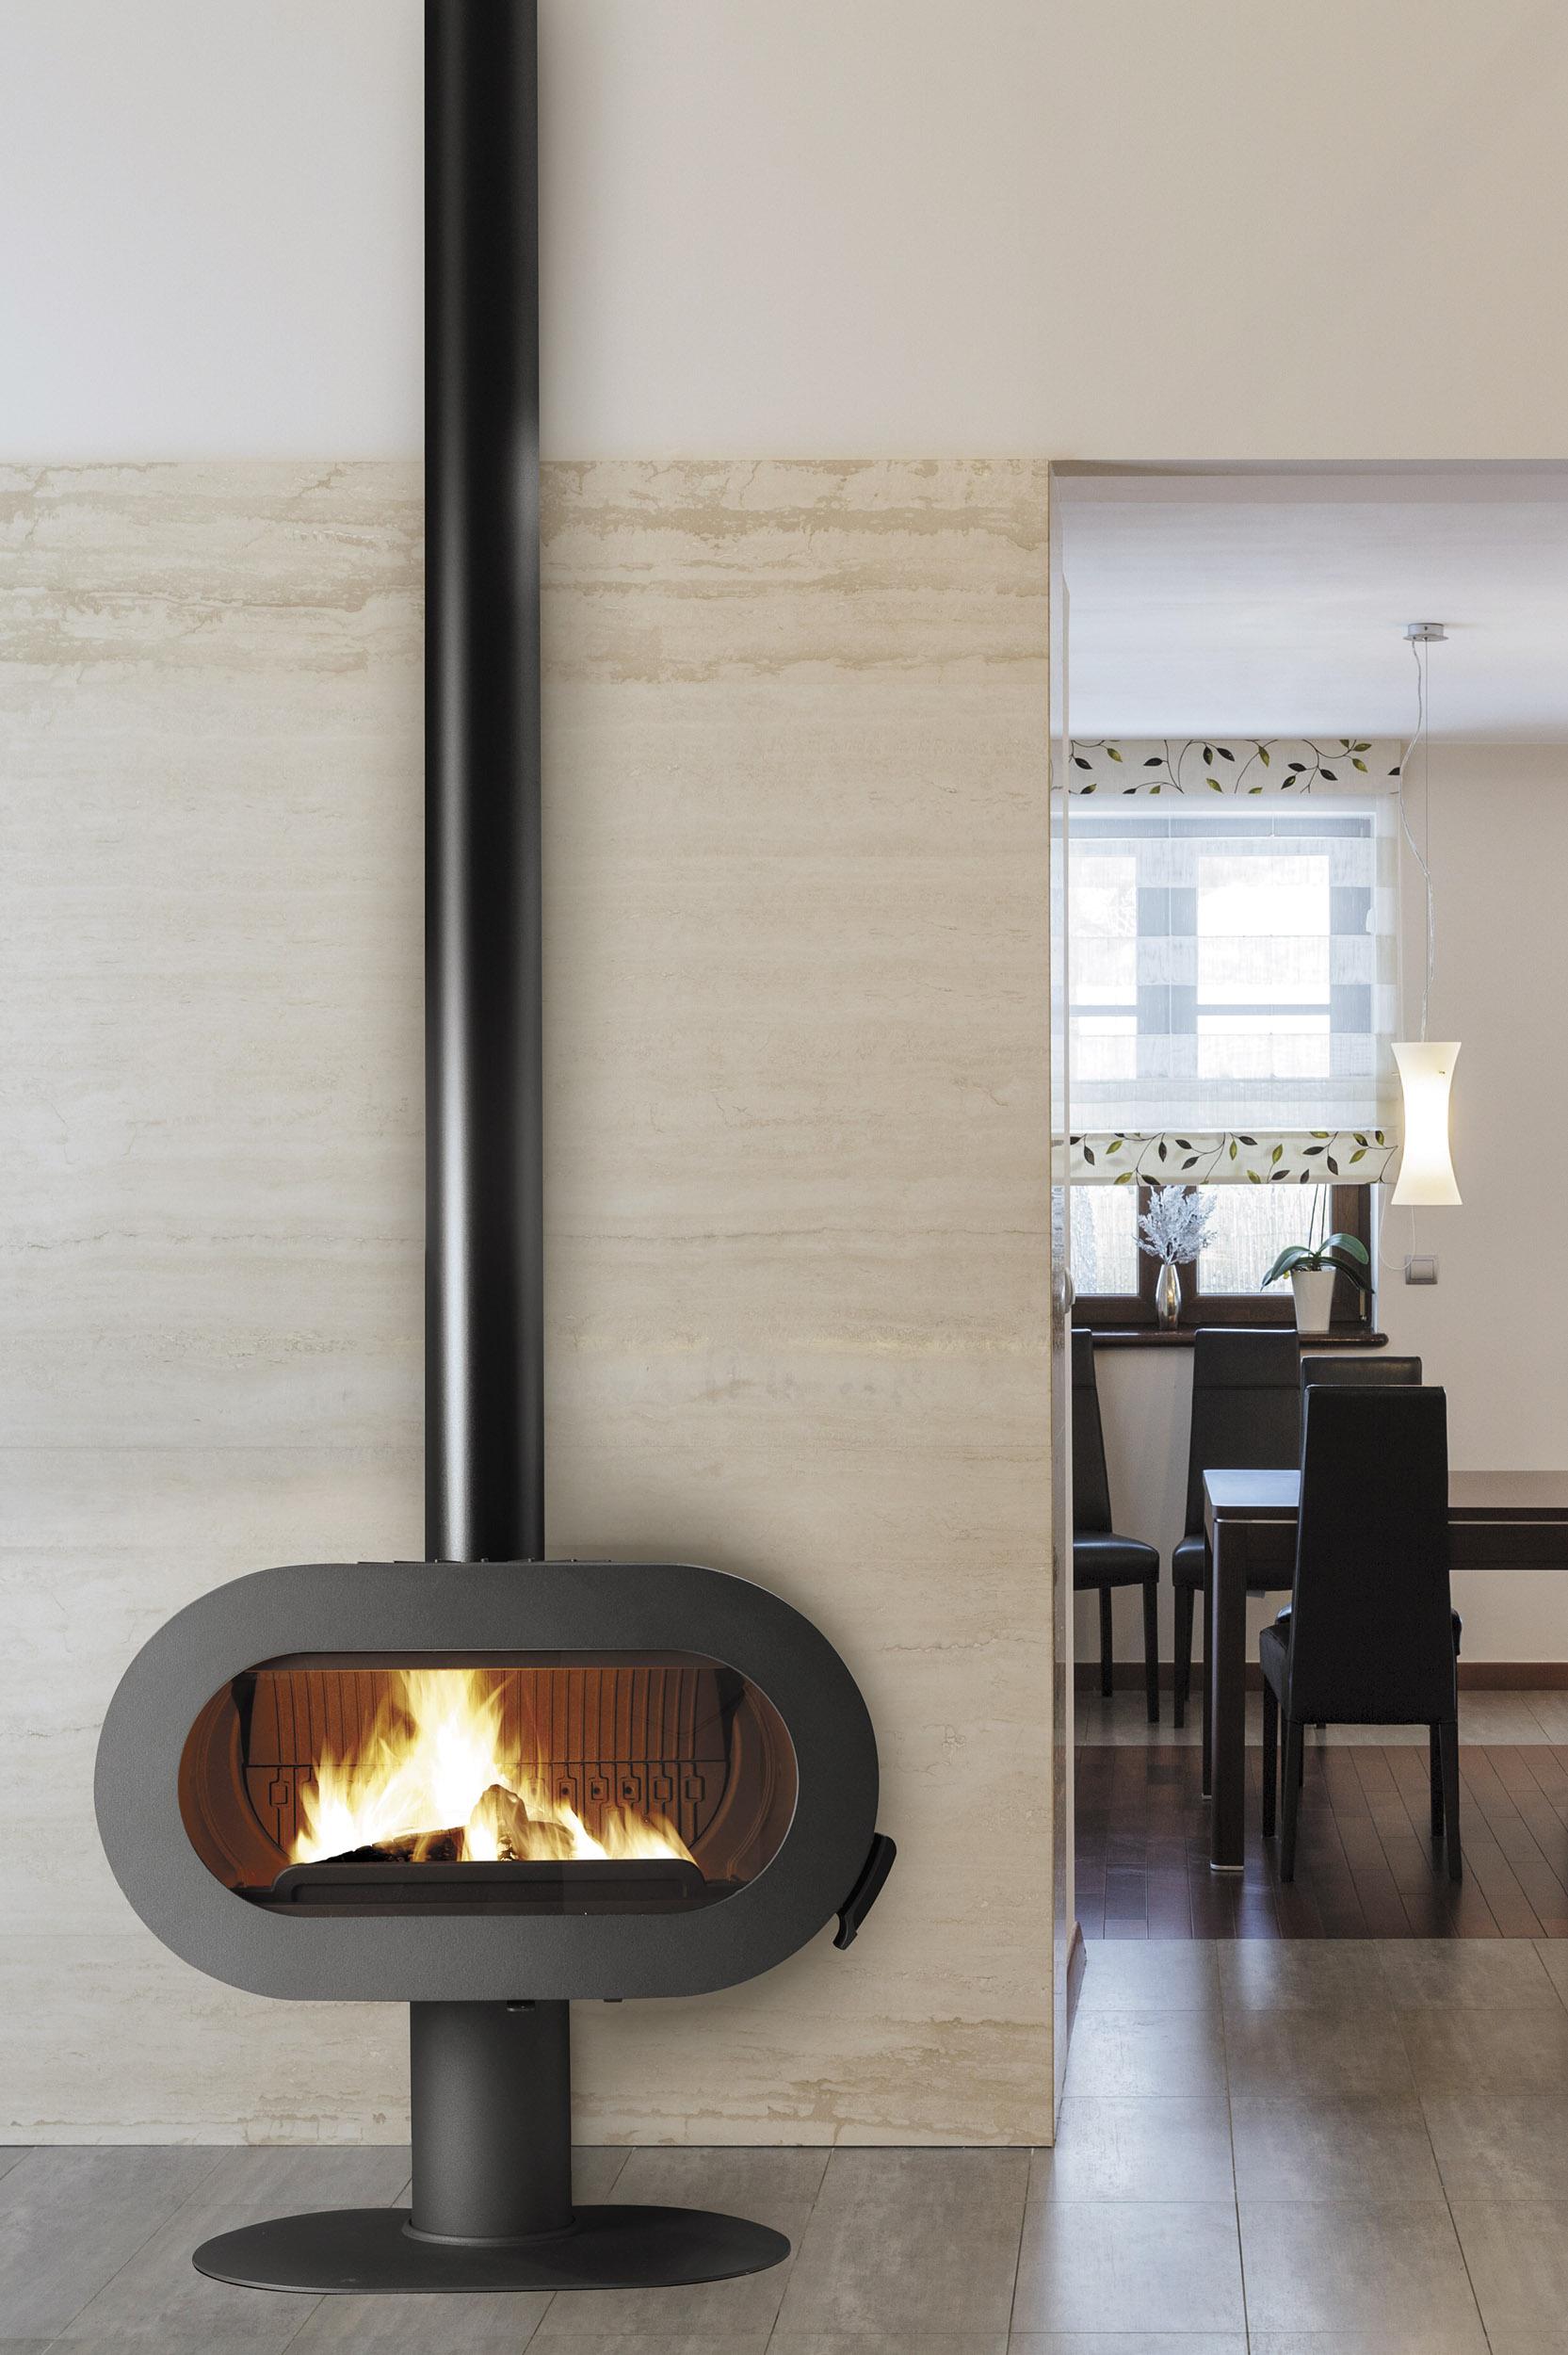 Estufa de hierro que calienta un ambiente interior